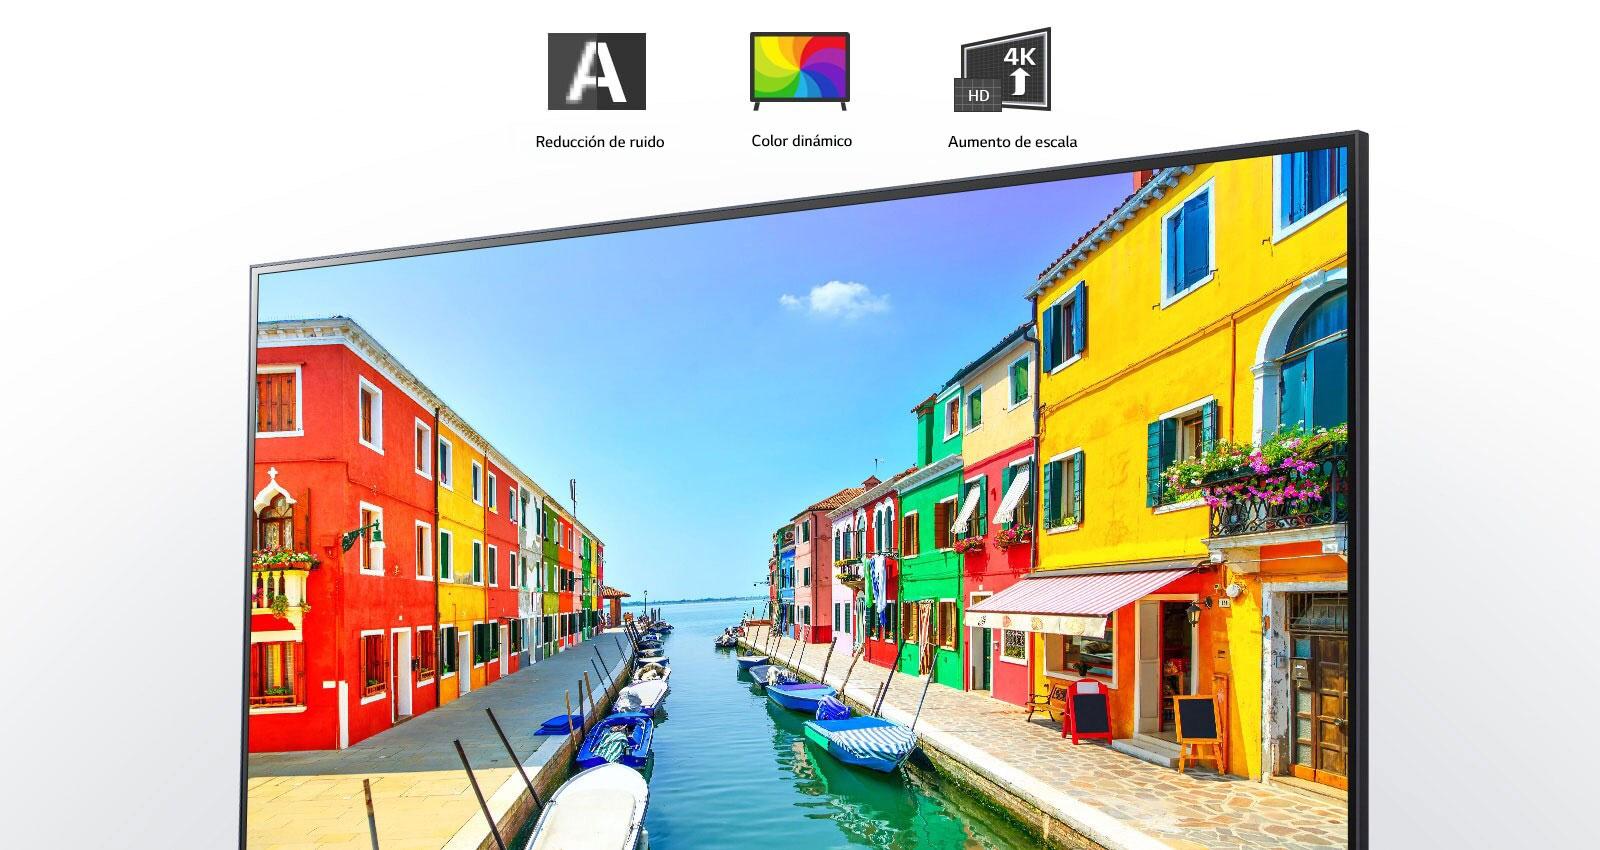 La pantalla de un televisor muestra una ciudad portuaria en la que los edificios están pintados de múltiples colores y los pequeños barcos están anclados en un puerto largo y estrecho.